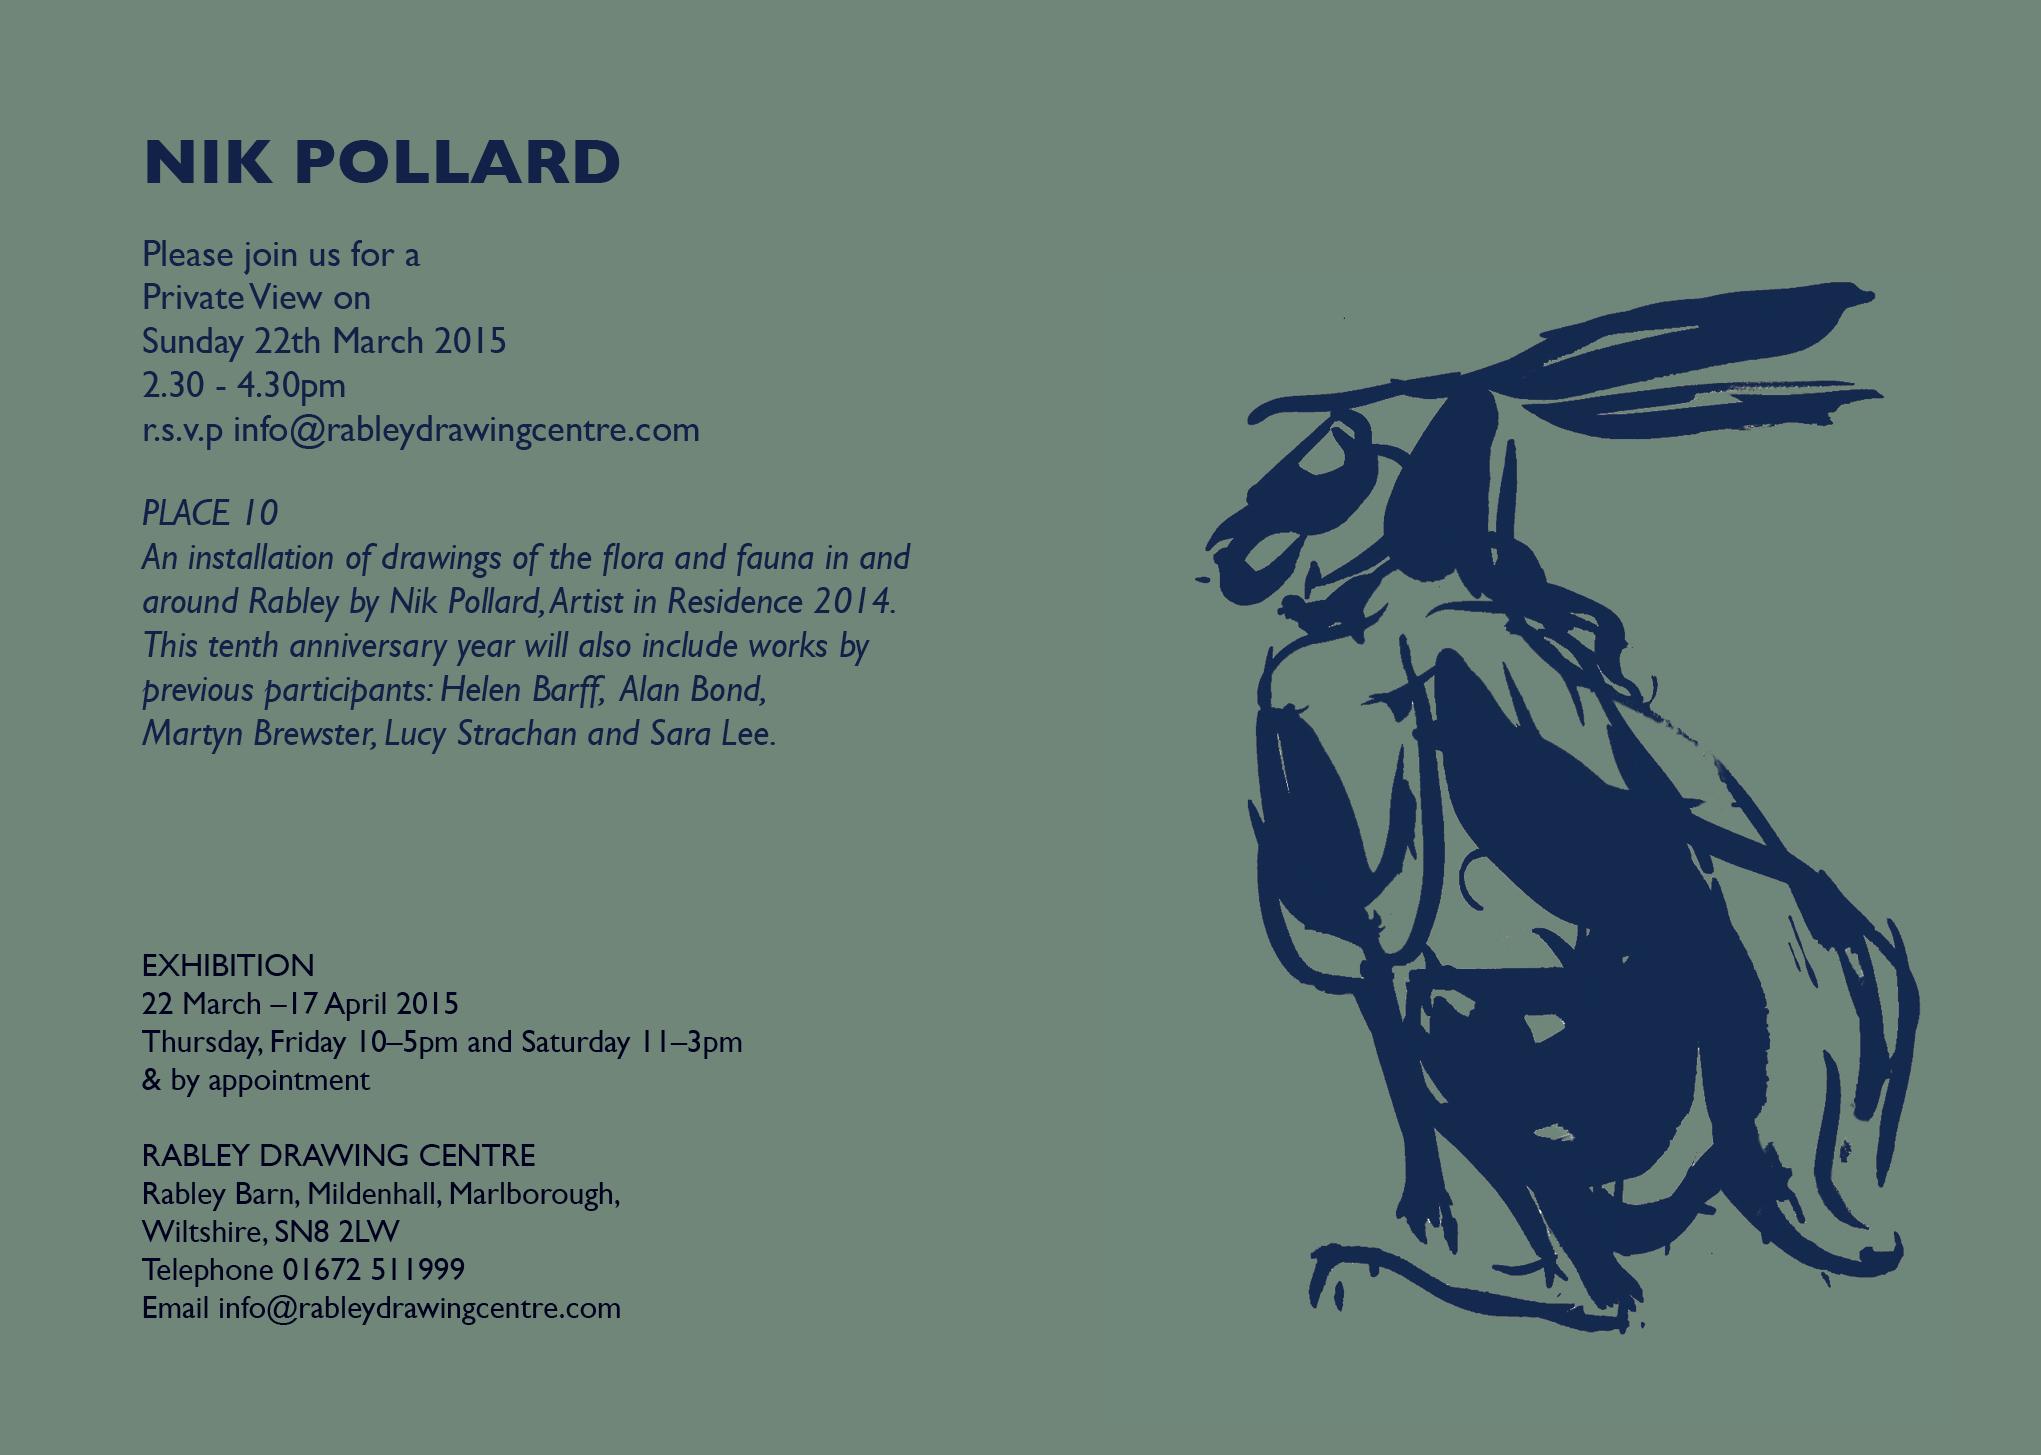 E INVITE Nik Pollard